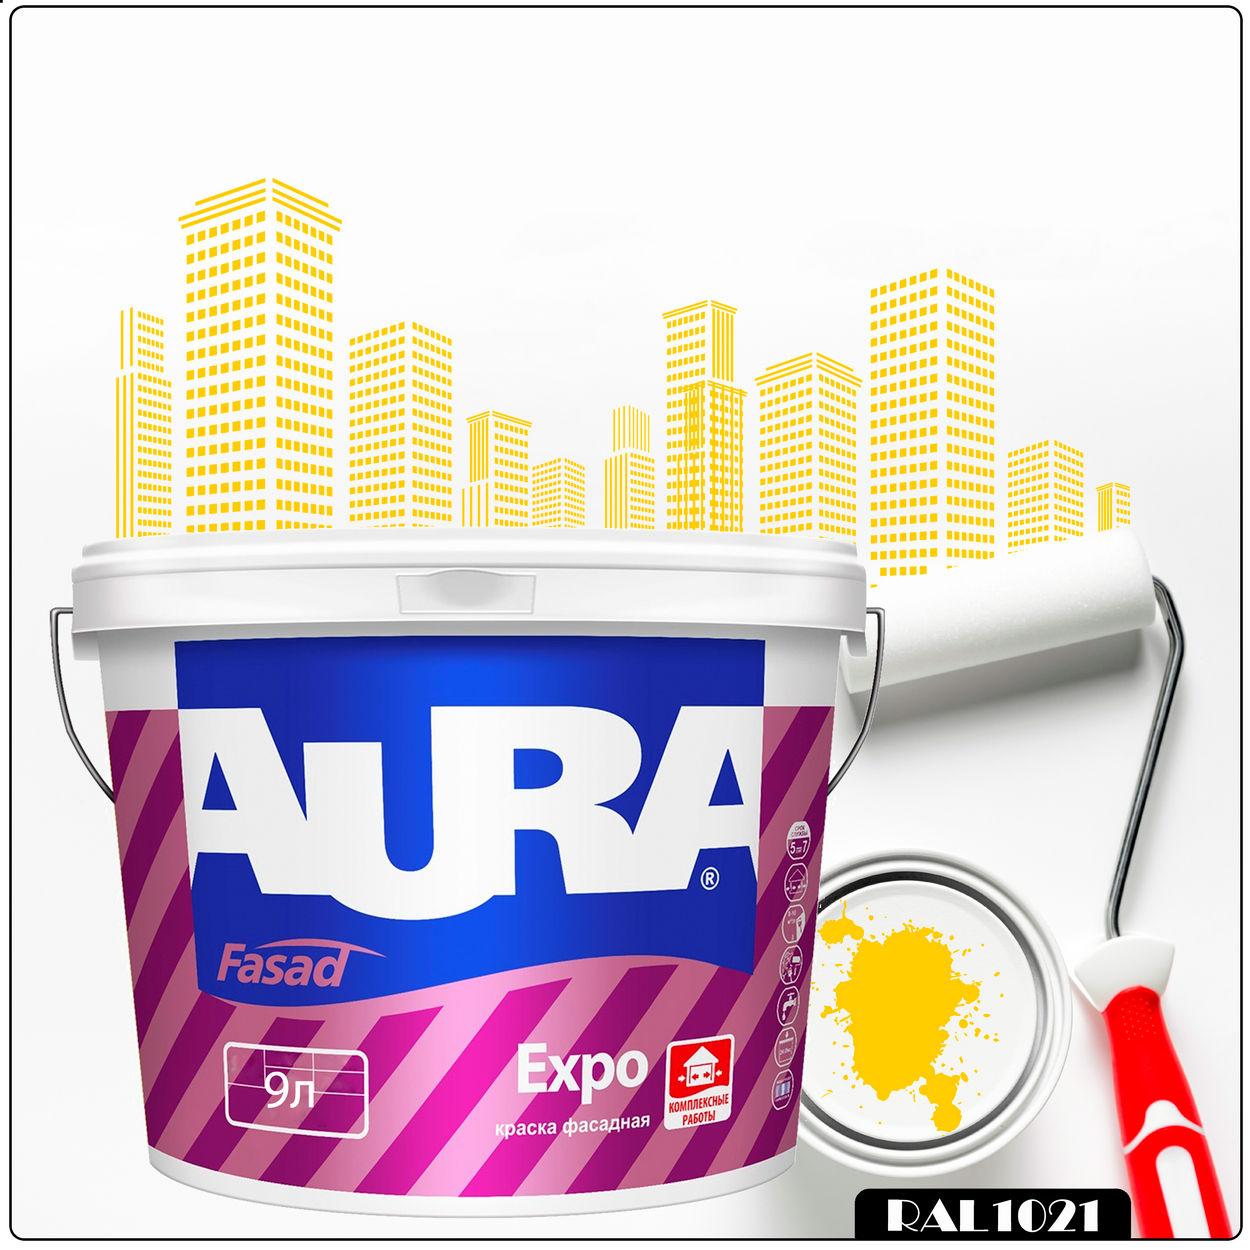 Фото 19 - Краска Aura Fasad Expo, RAL 1021 Рапсово-жёлтый, матовая, для фасадов и помещений с повышенной влажностью, 9л.